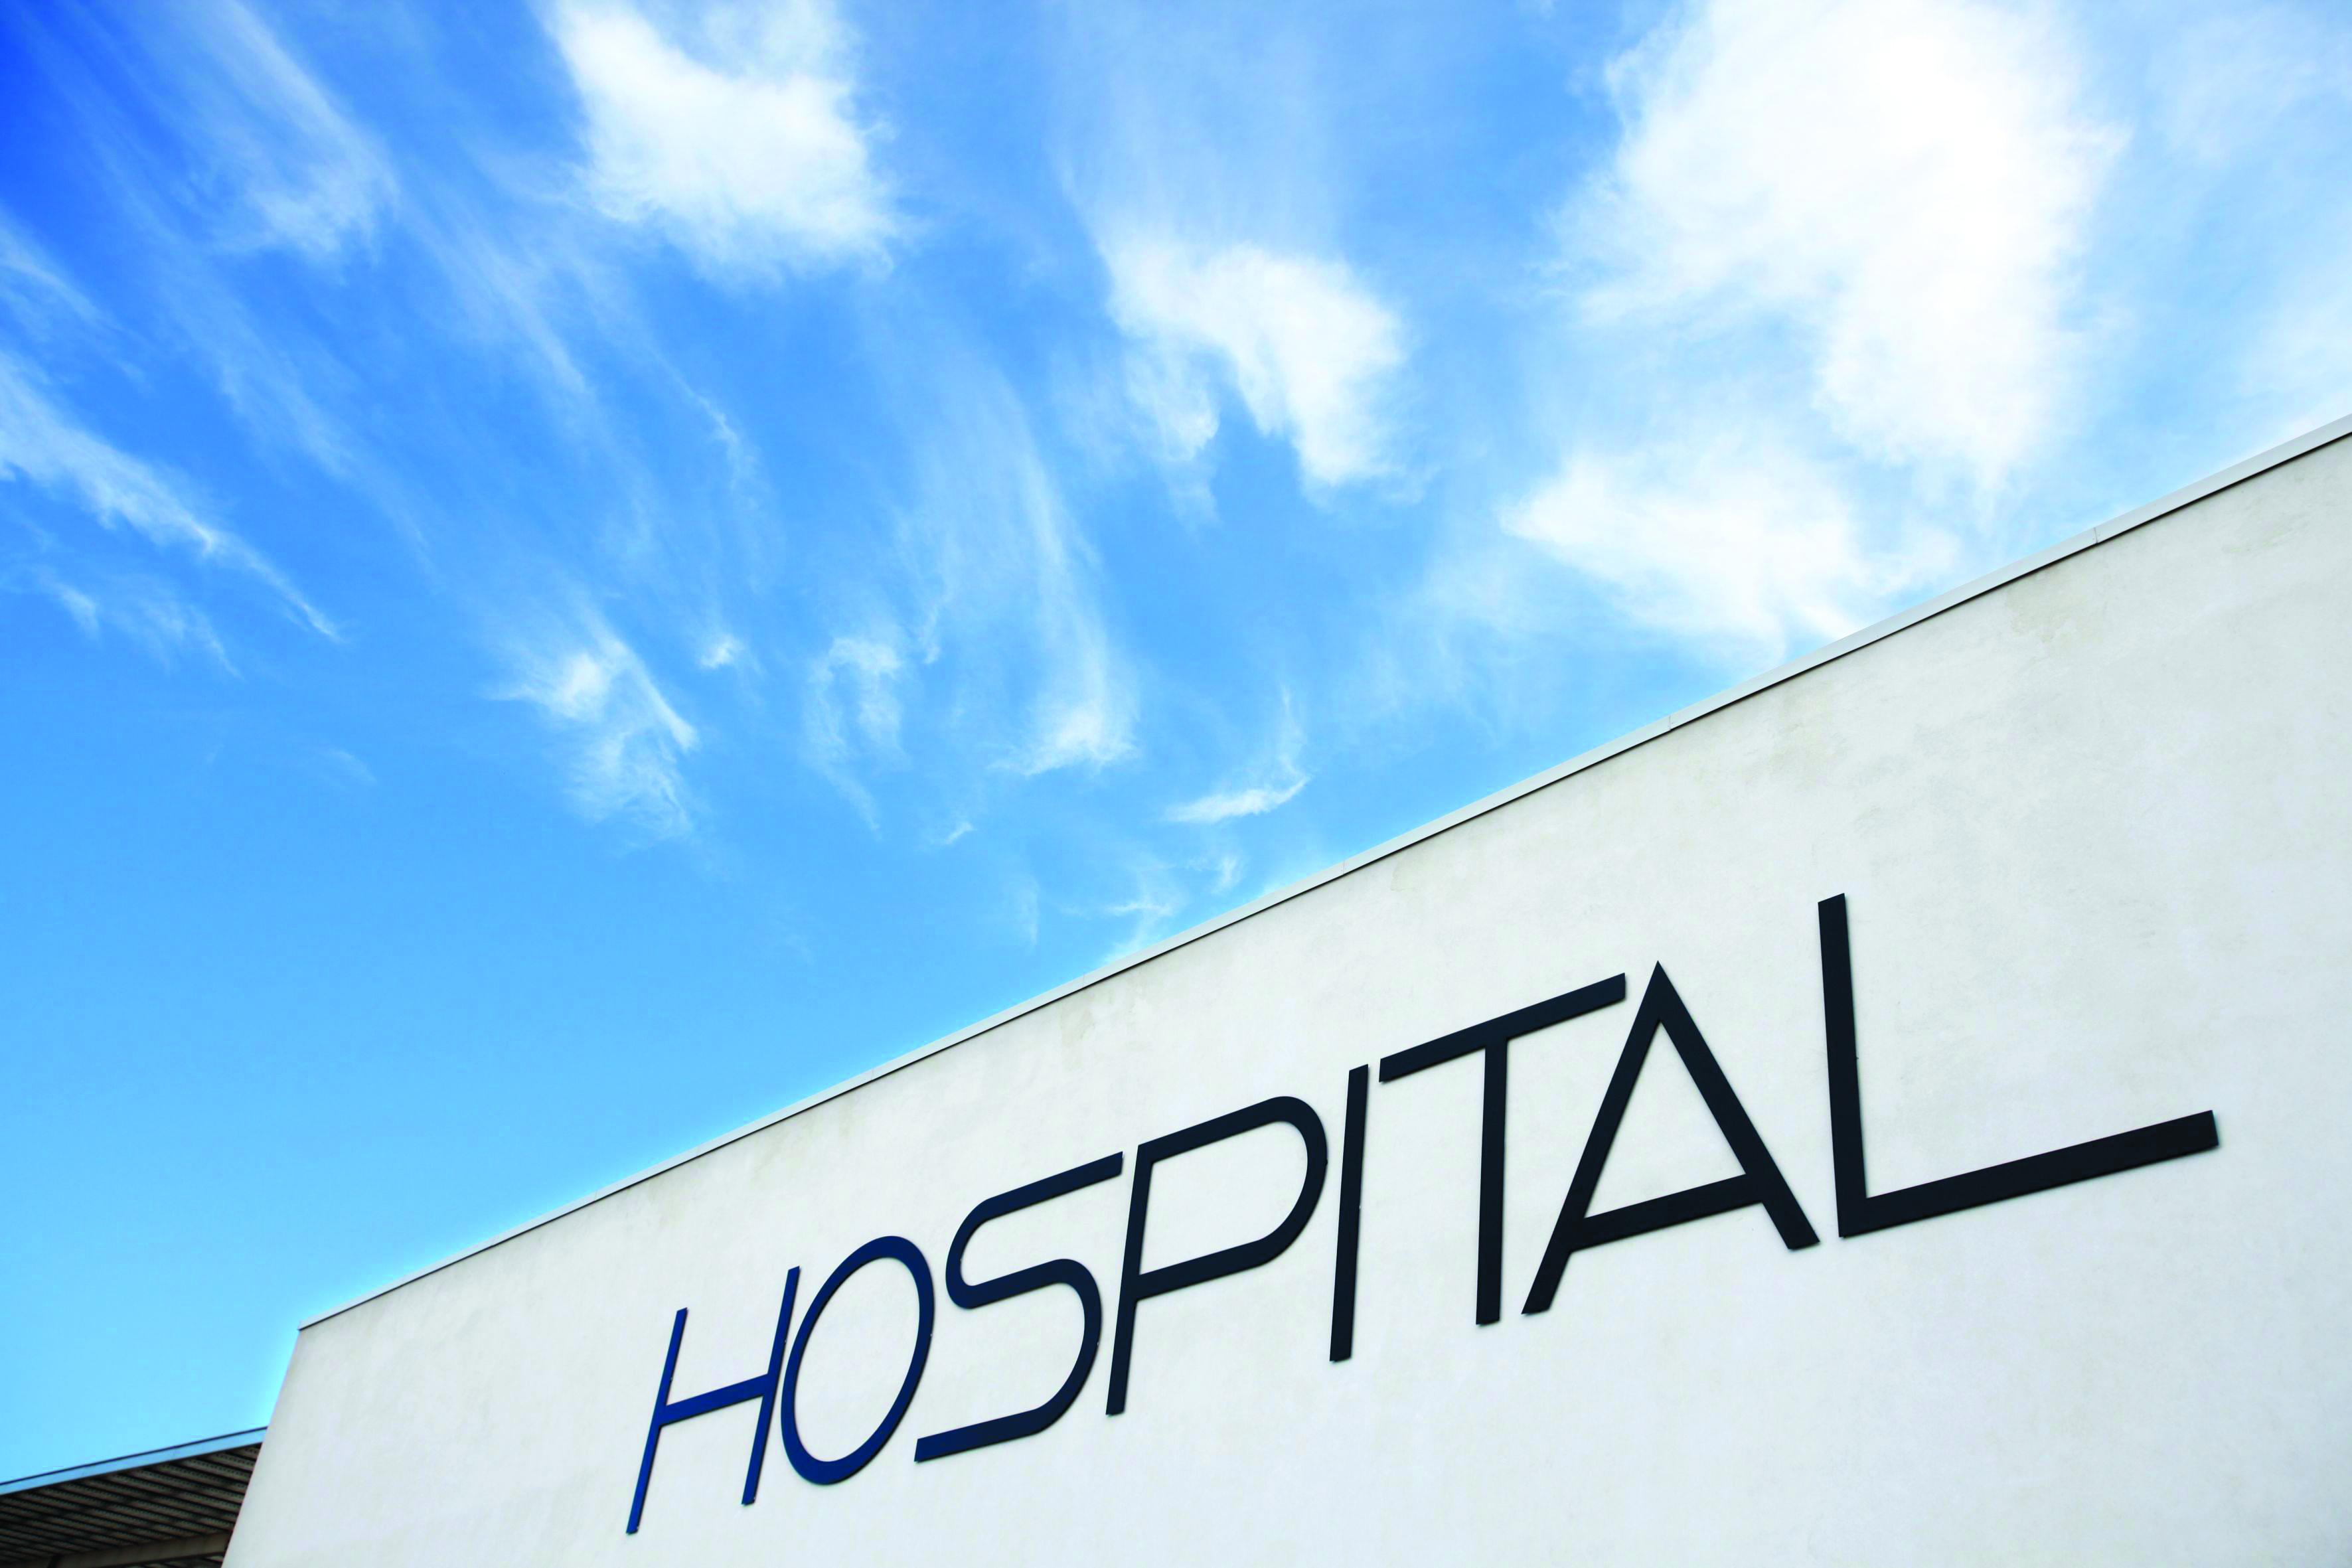 Surto de sarna no hospital de Viseu, profissionais e doentes em tratamento